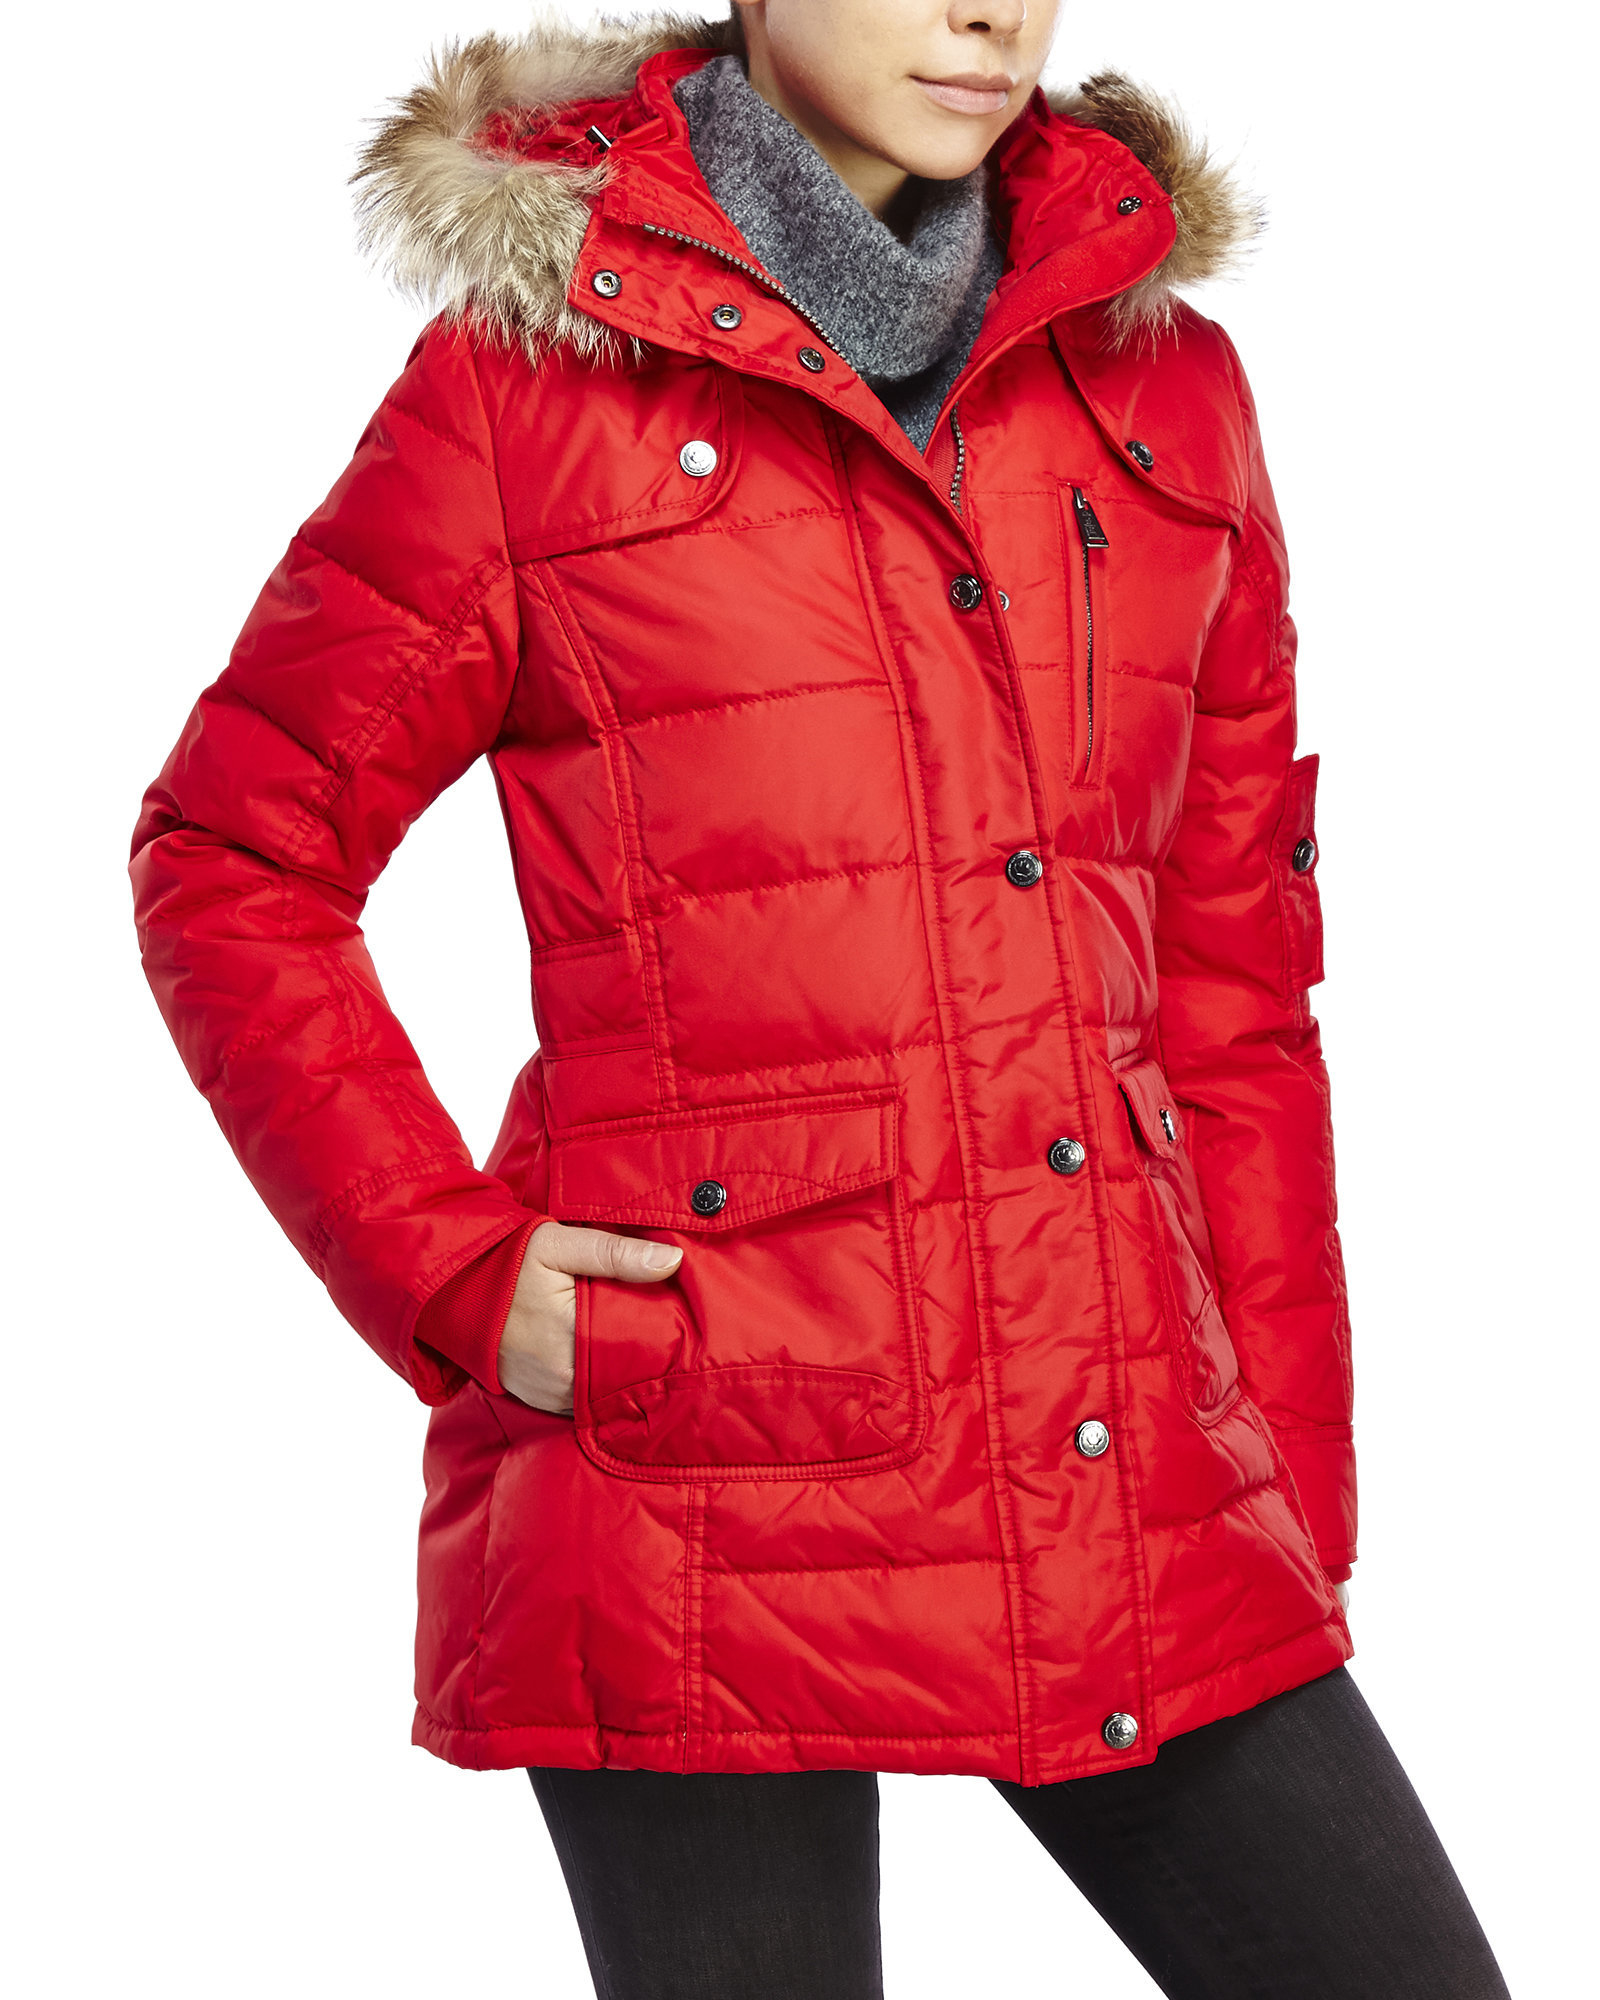 Pajar Serena Real Fur Trim Down Coat in Red | Lyst